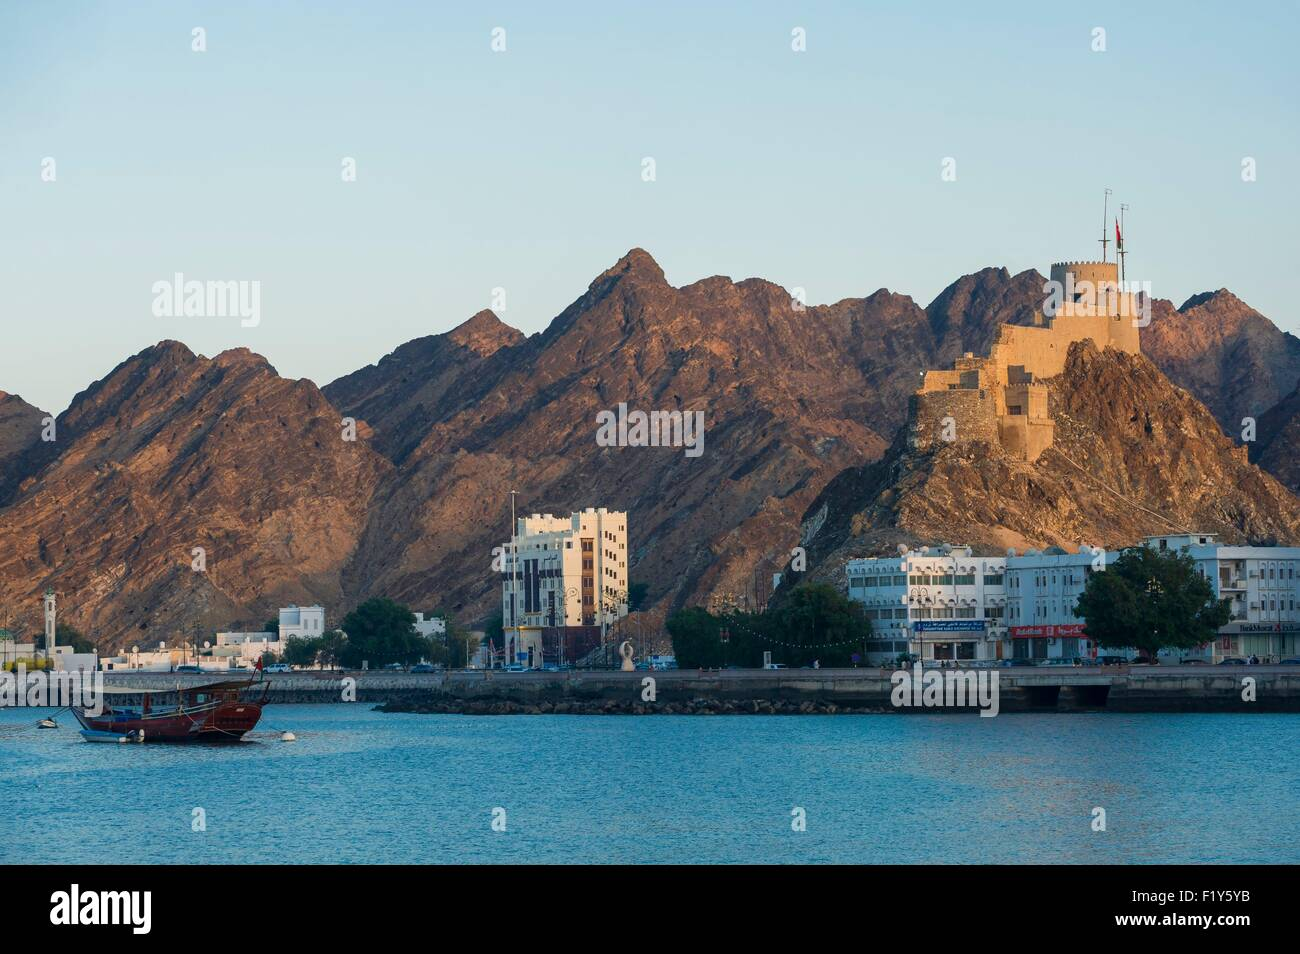 Oman, Muscat, Muttrah corniche, sea front - Stock Image